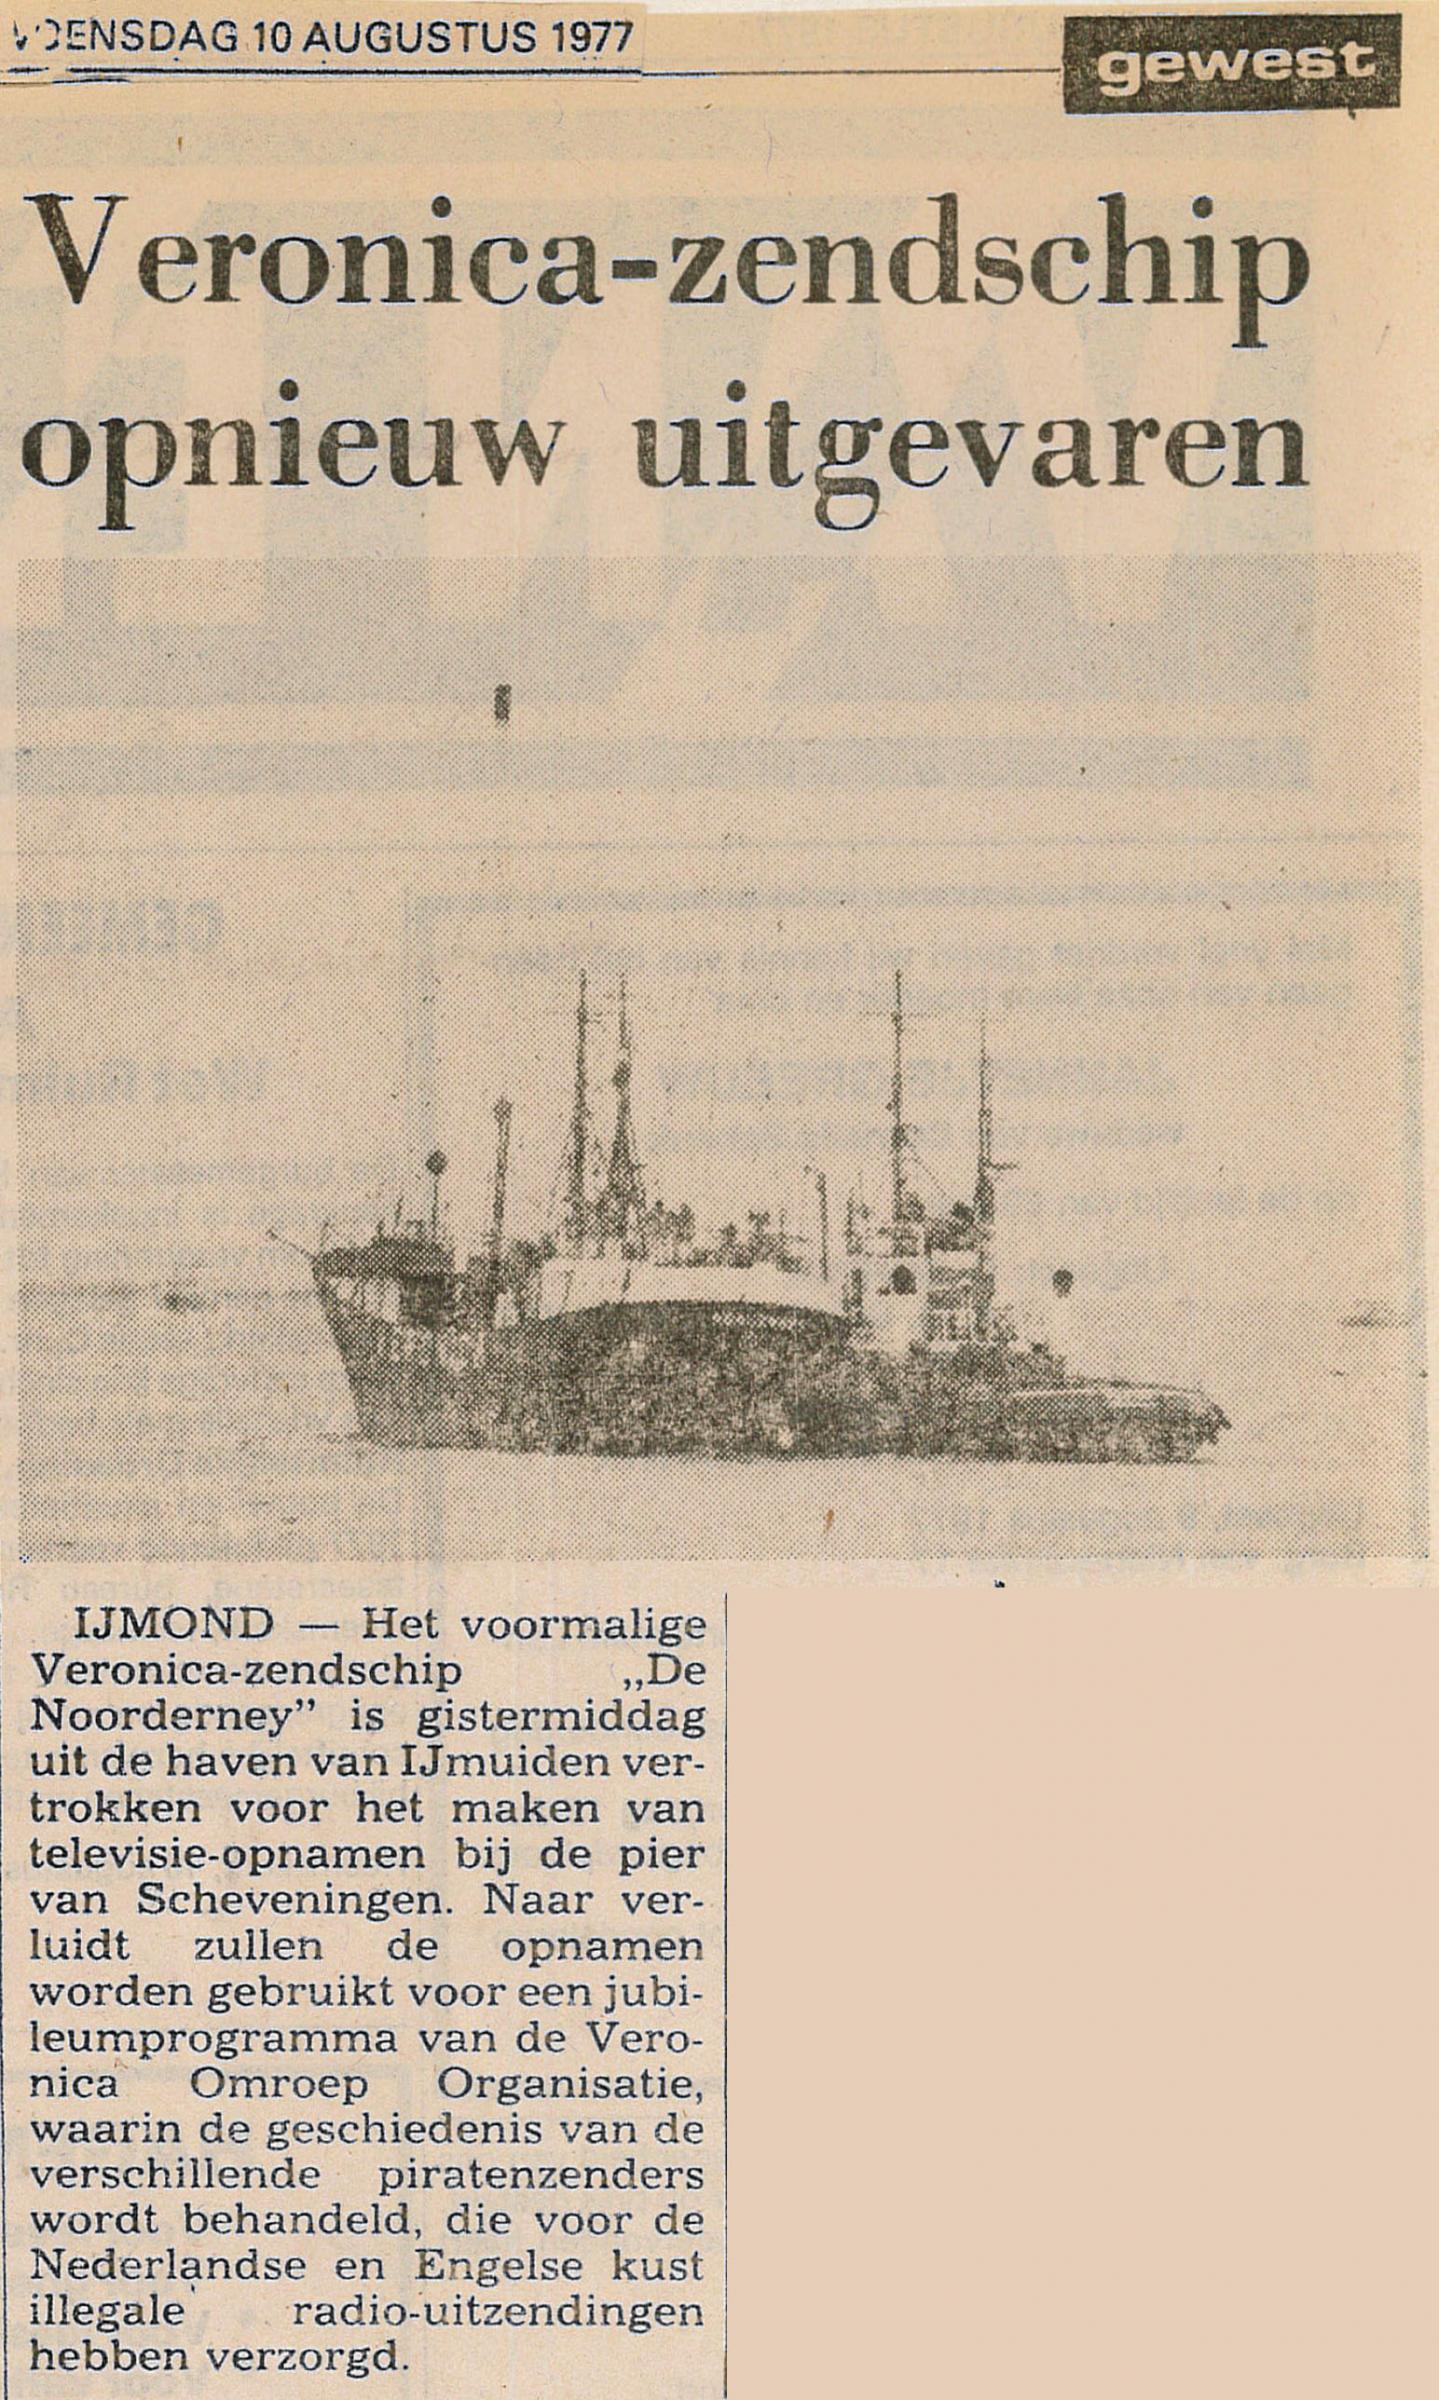 19770810 Veronica-zendschip opnieuw uitgevaren.jpg